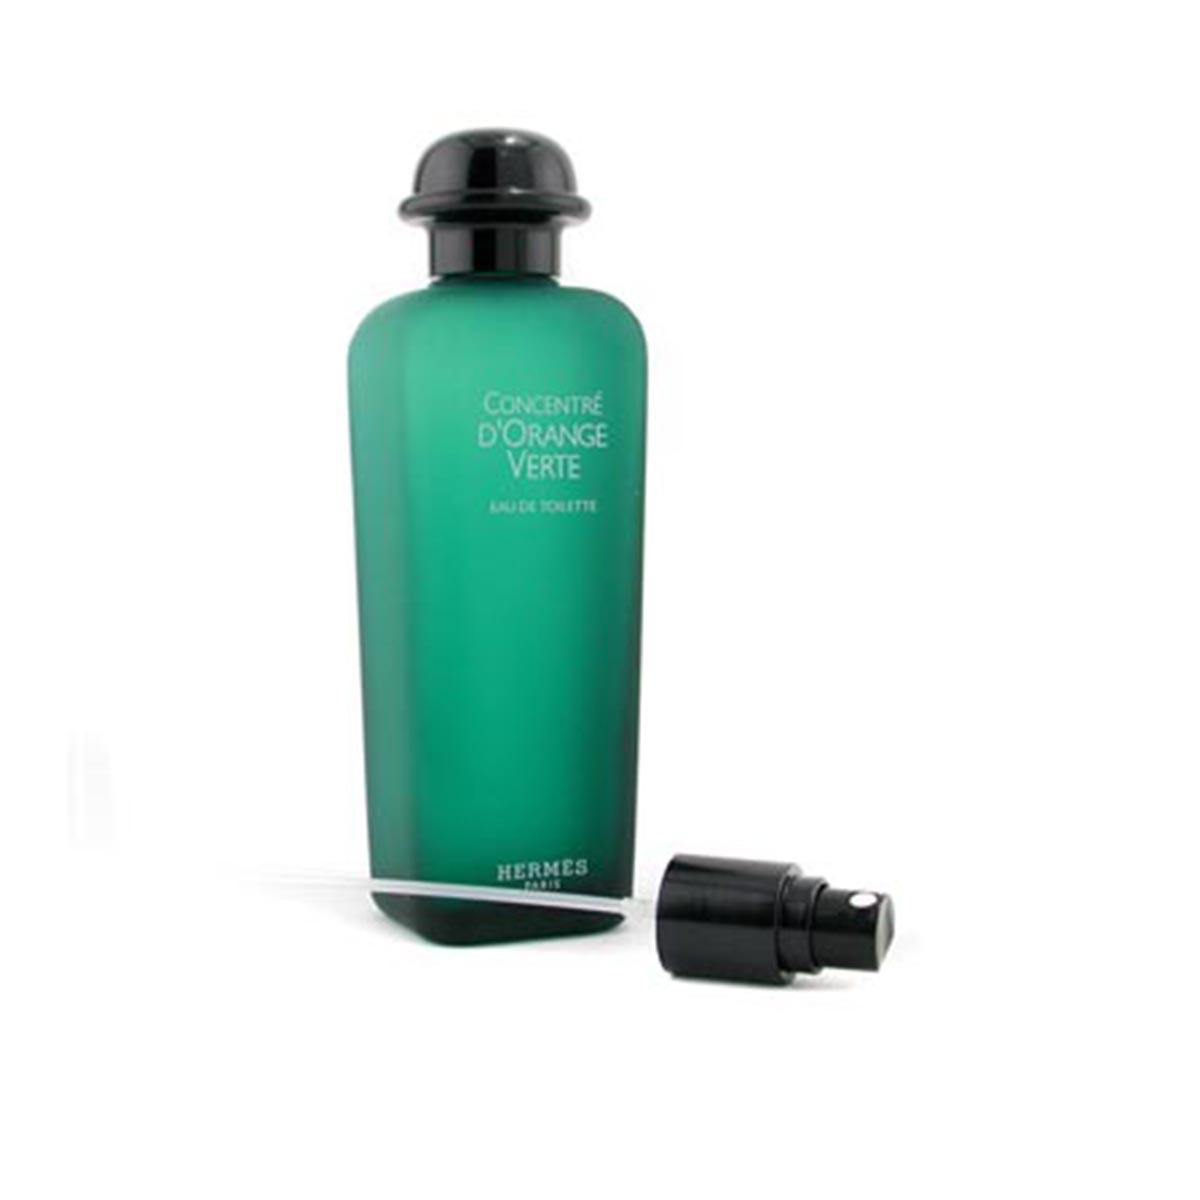 Hermes eau d orange verte concentrado eau de toilette 200ml vaporizador